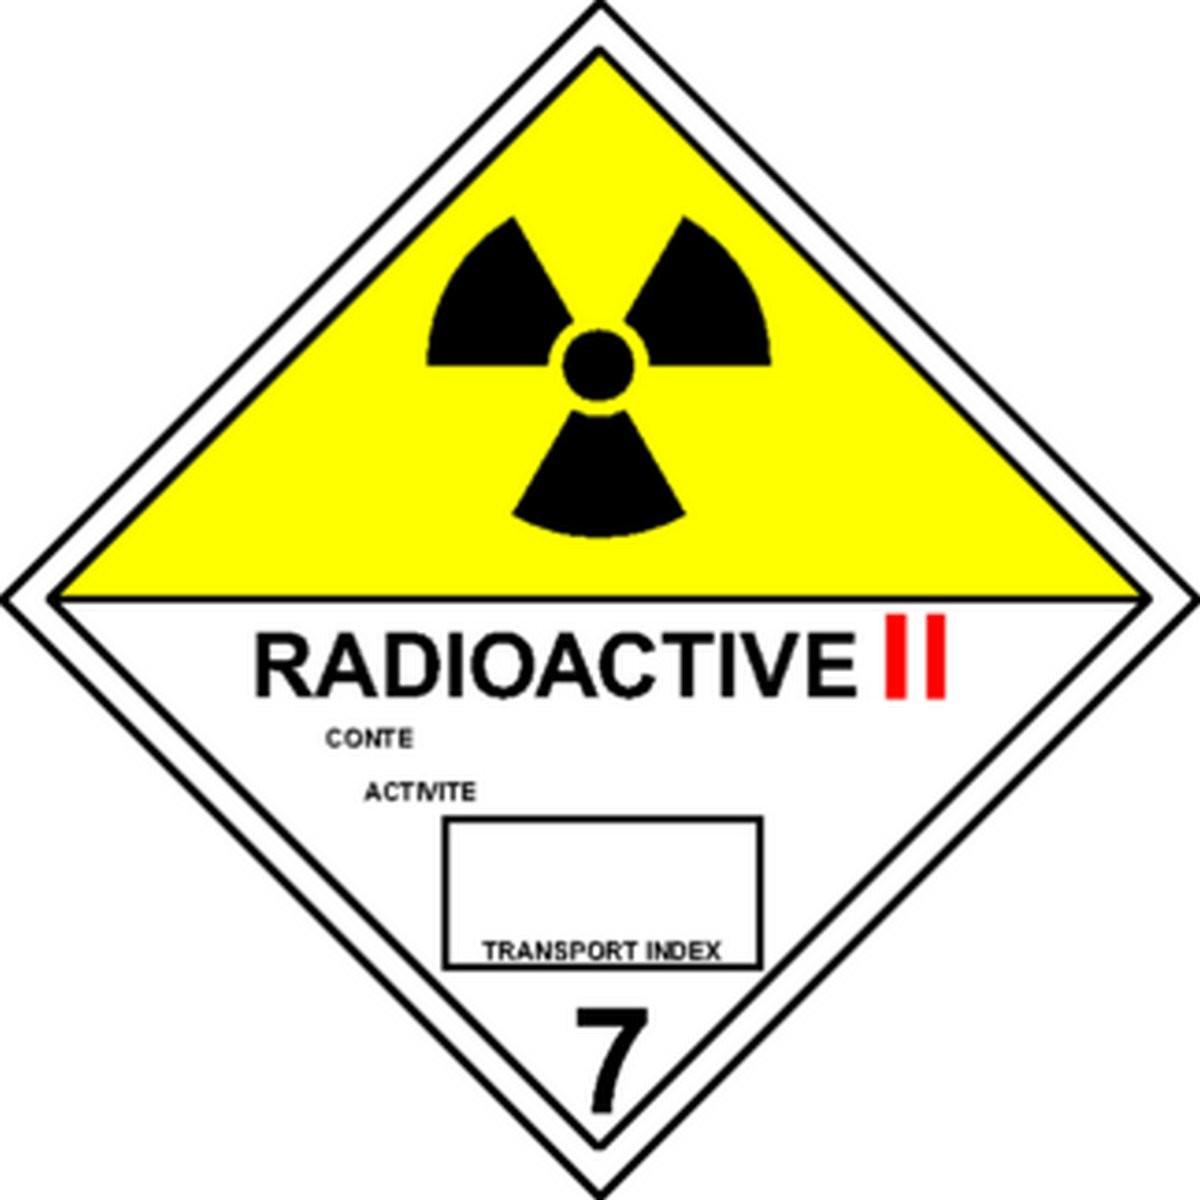 Etiquette Radioactive II en anglais